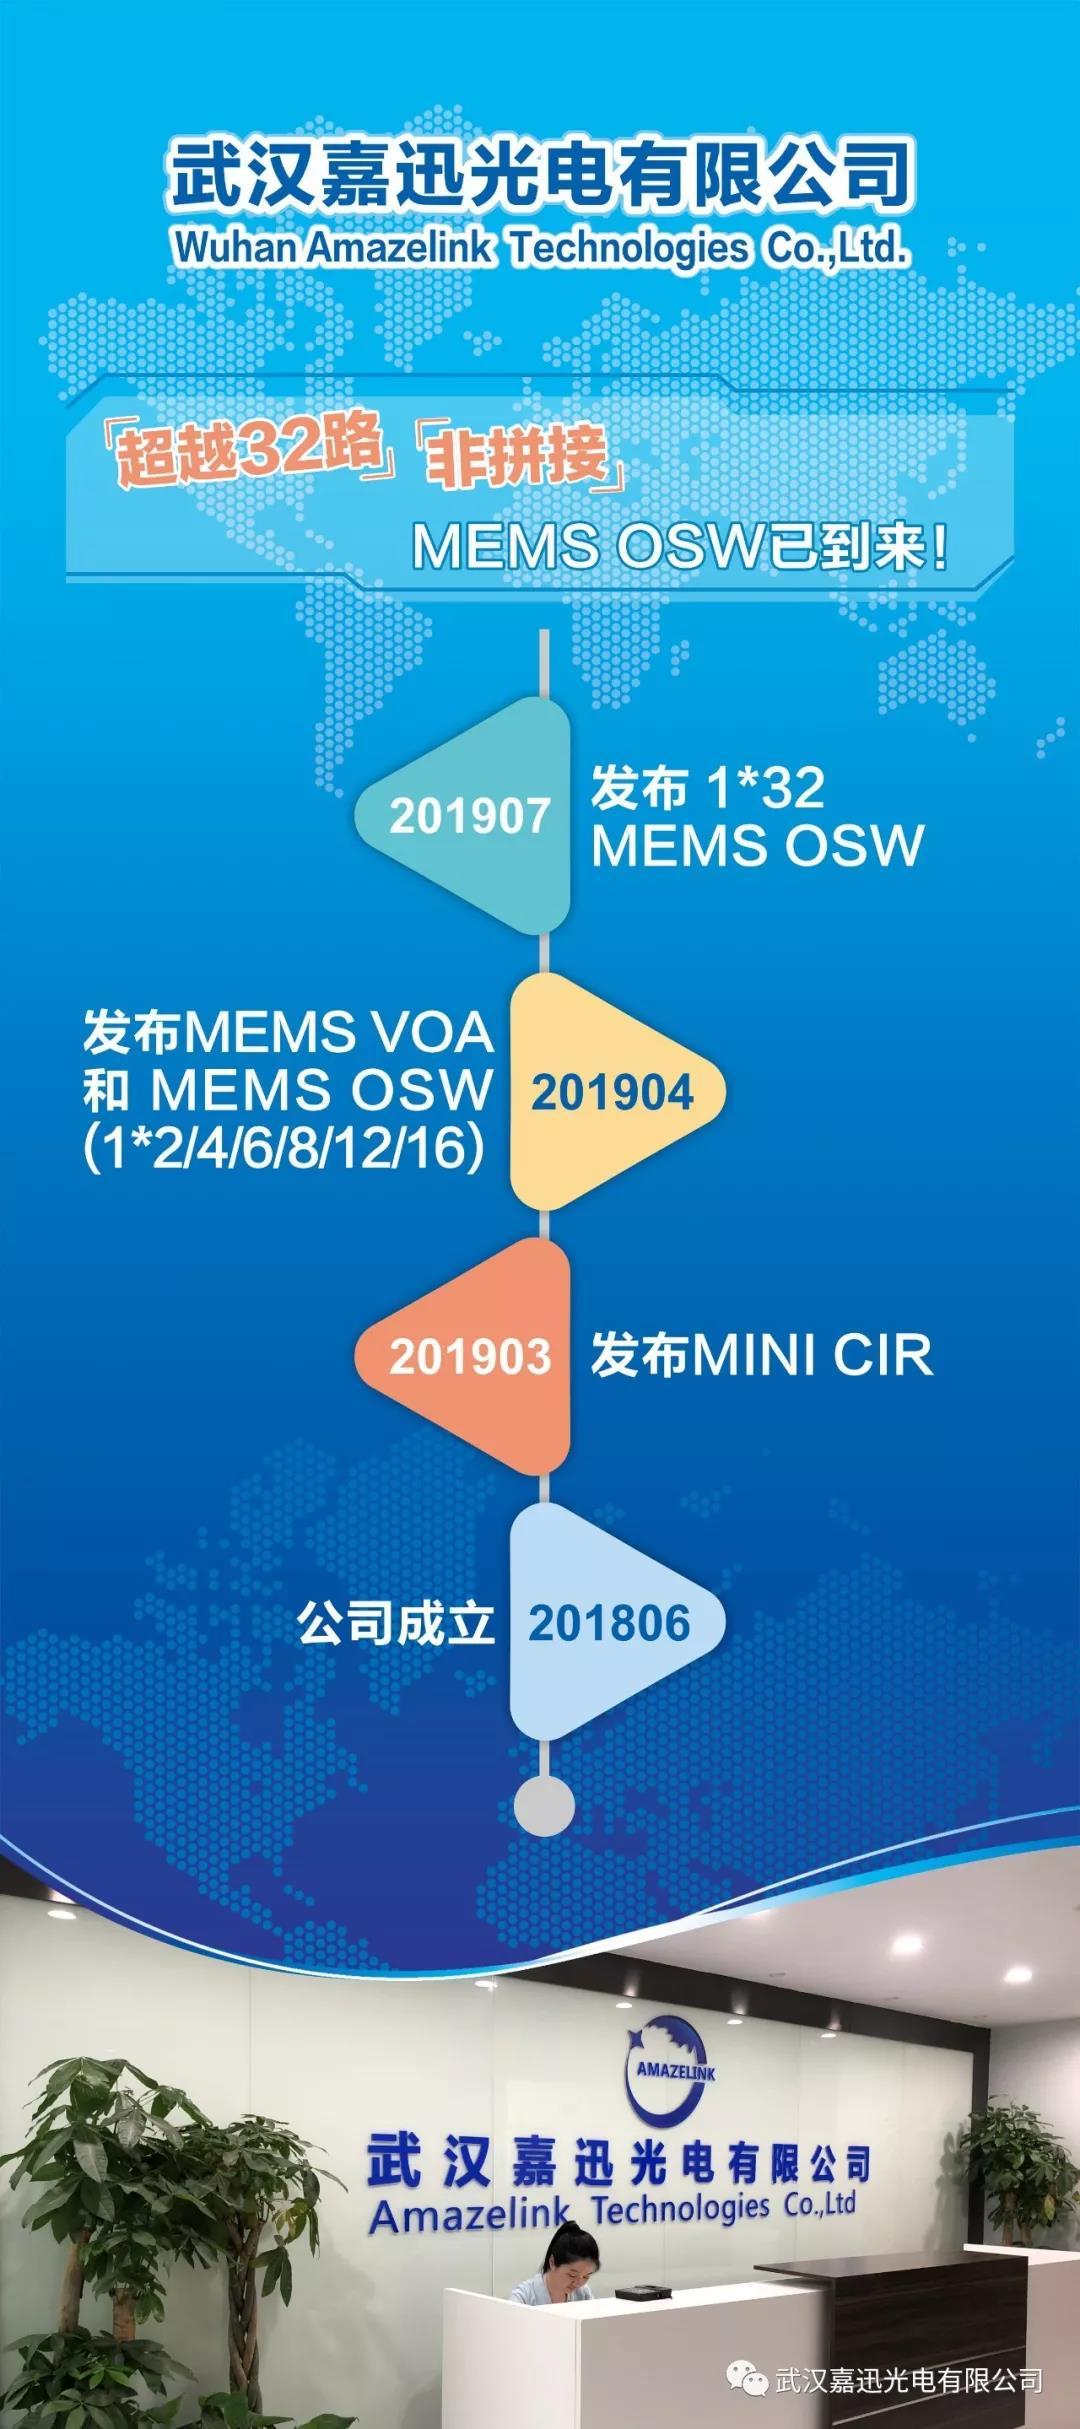 CIOE 2019 | 武汉嘉迅光电展示非拼接高维度MEMS OSW Demo